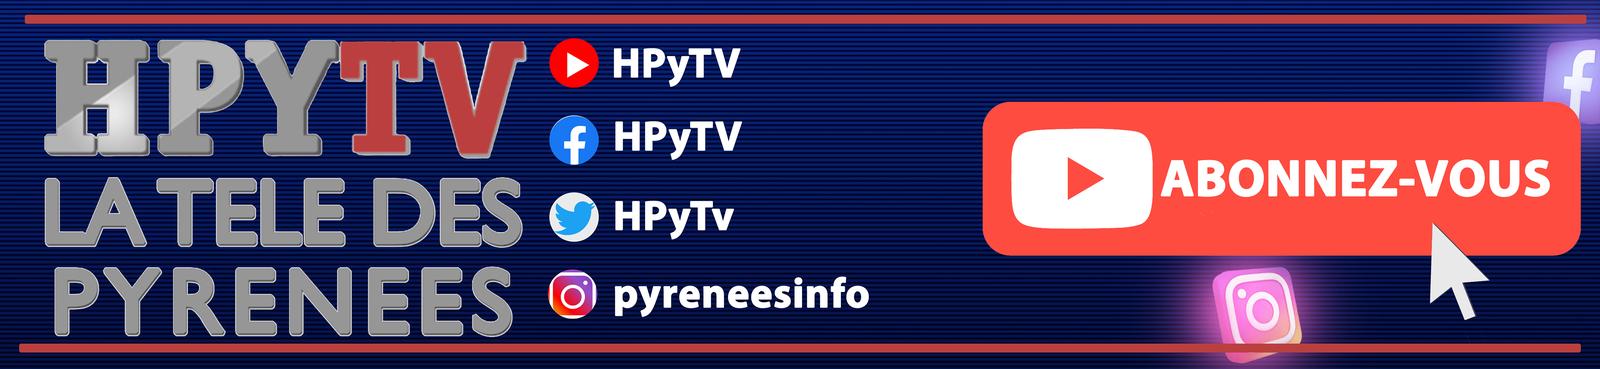 La Télé des Pyrénées sur YouTube